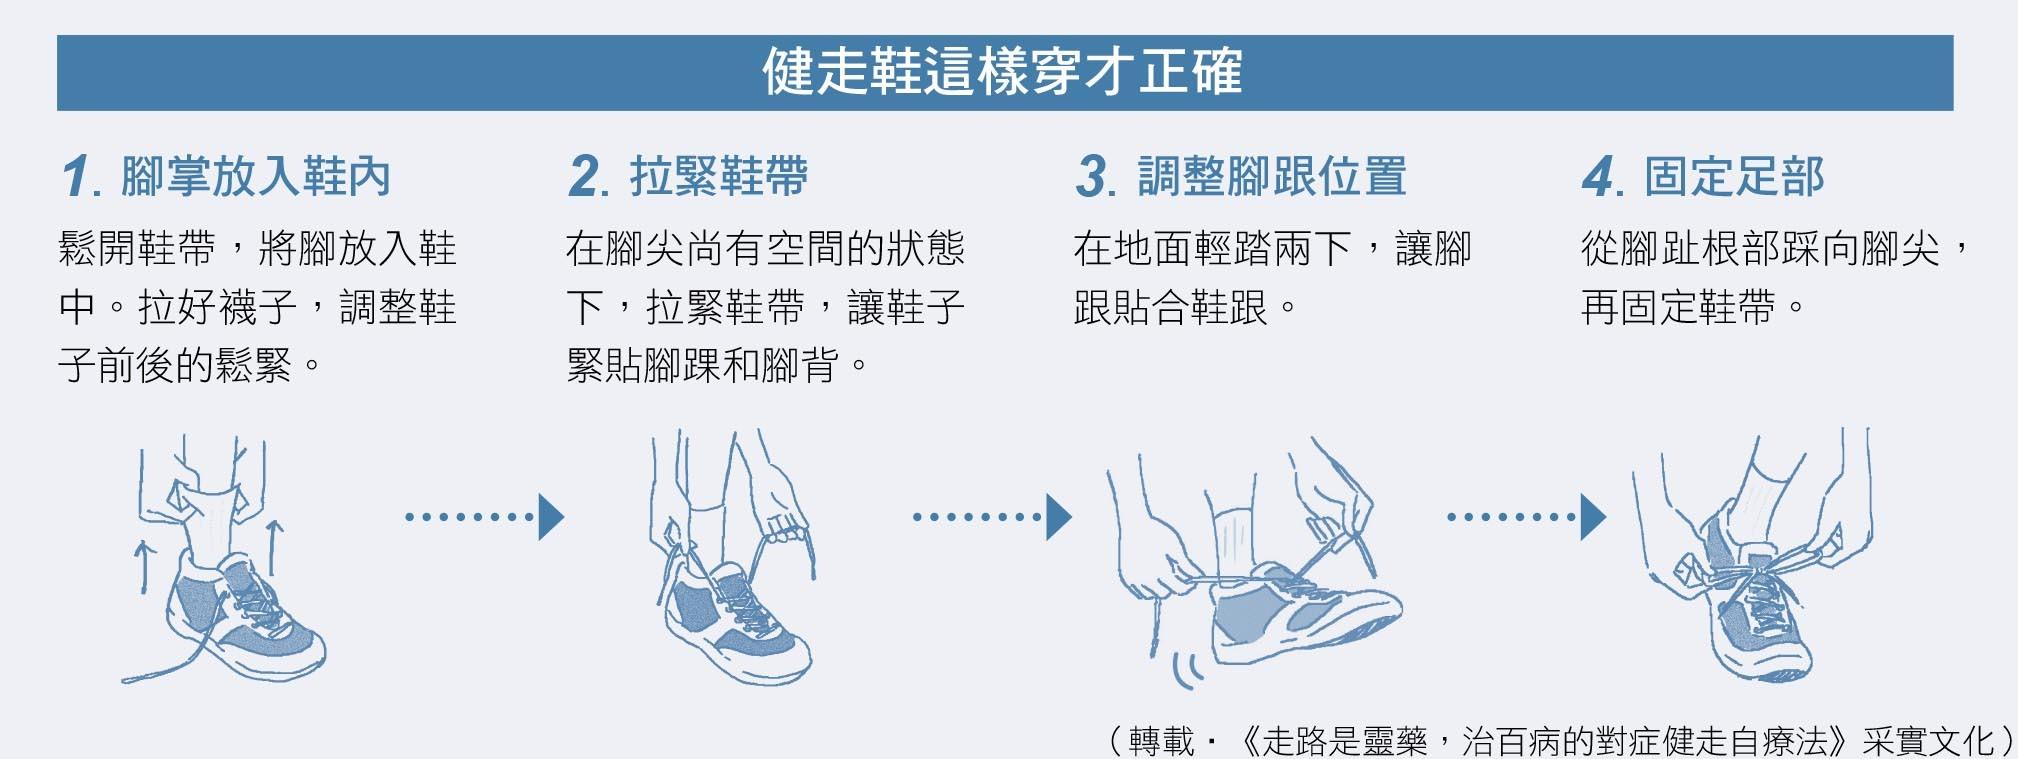 ▲走路最好的運動。(圖/今週刊提供)